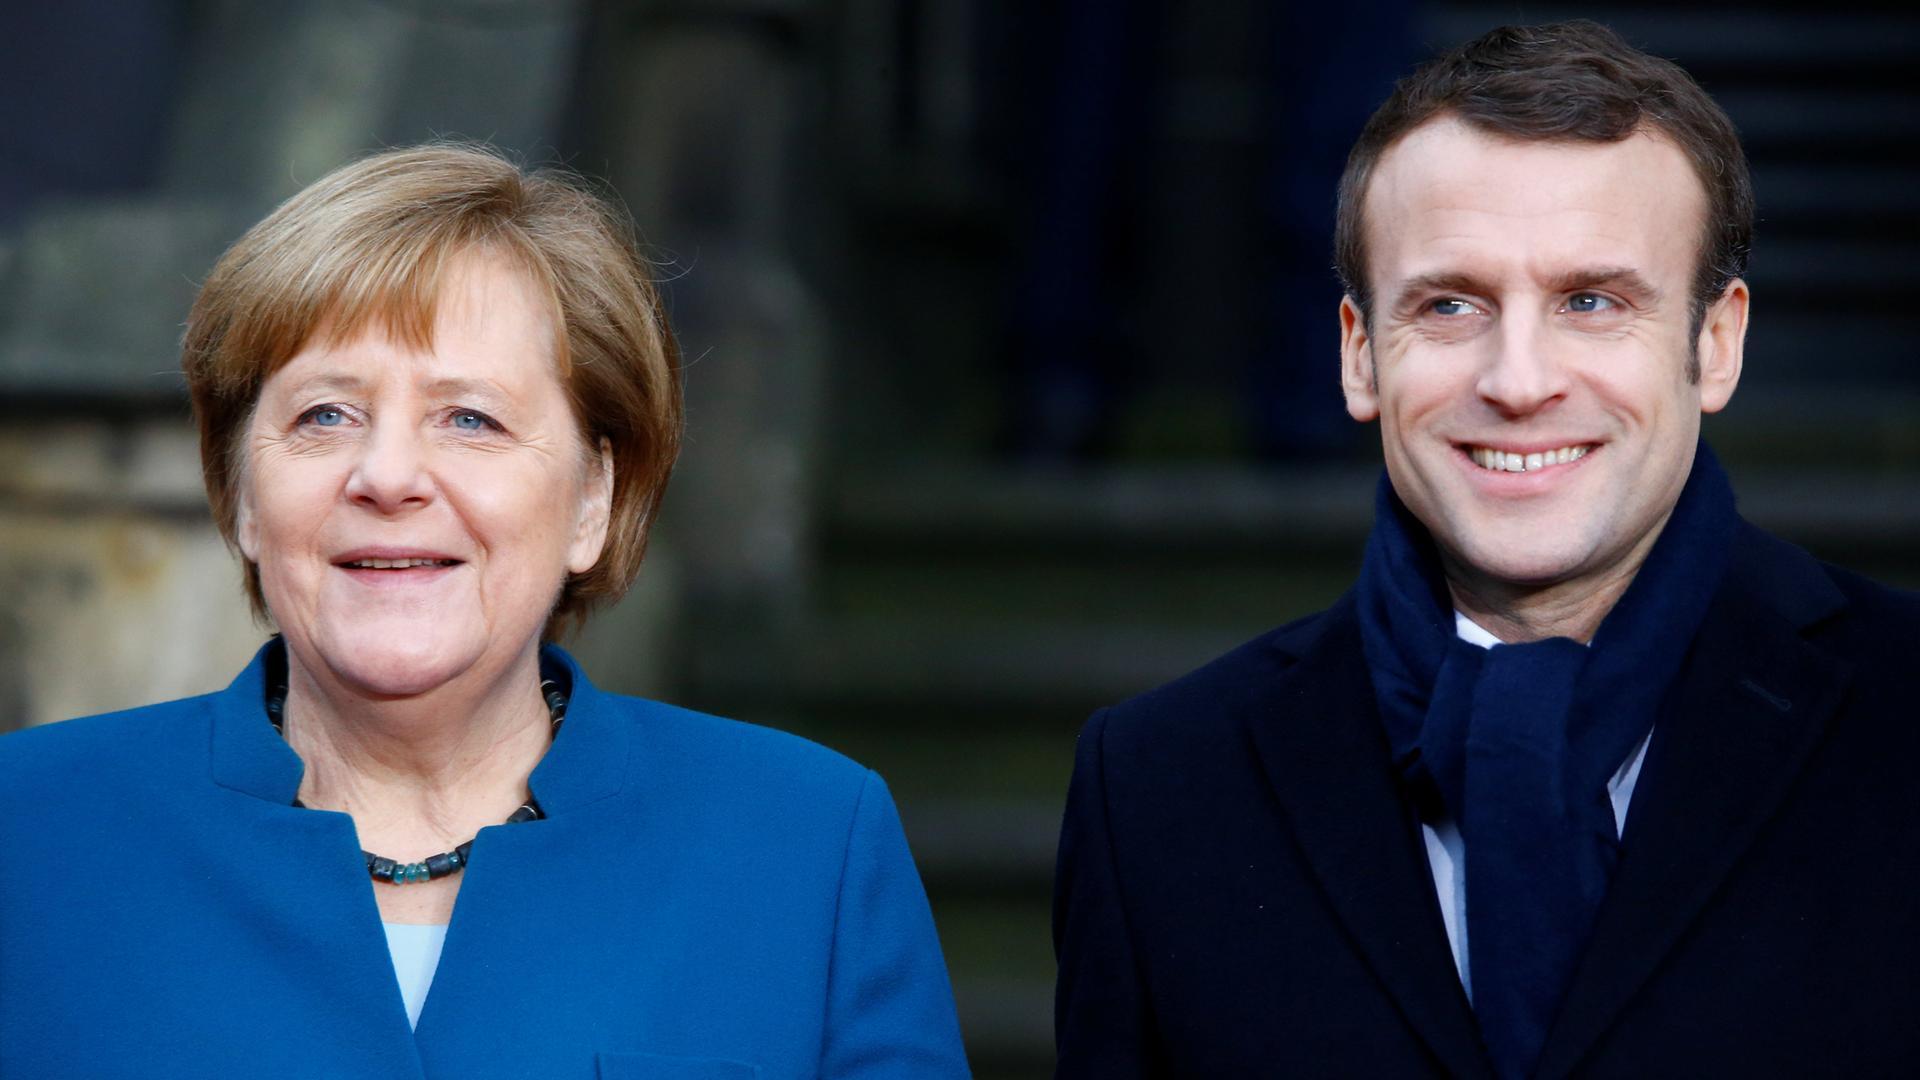 Aachener Vertrag Alte Ehepaare Und Ein Wichtiges Signal Zdfmediathek